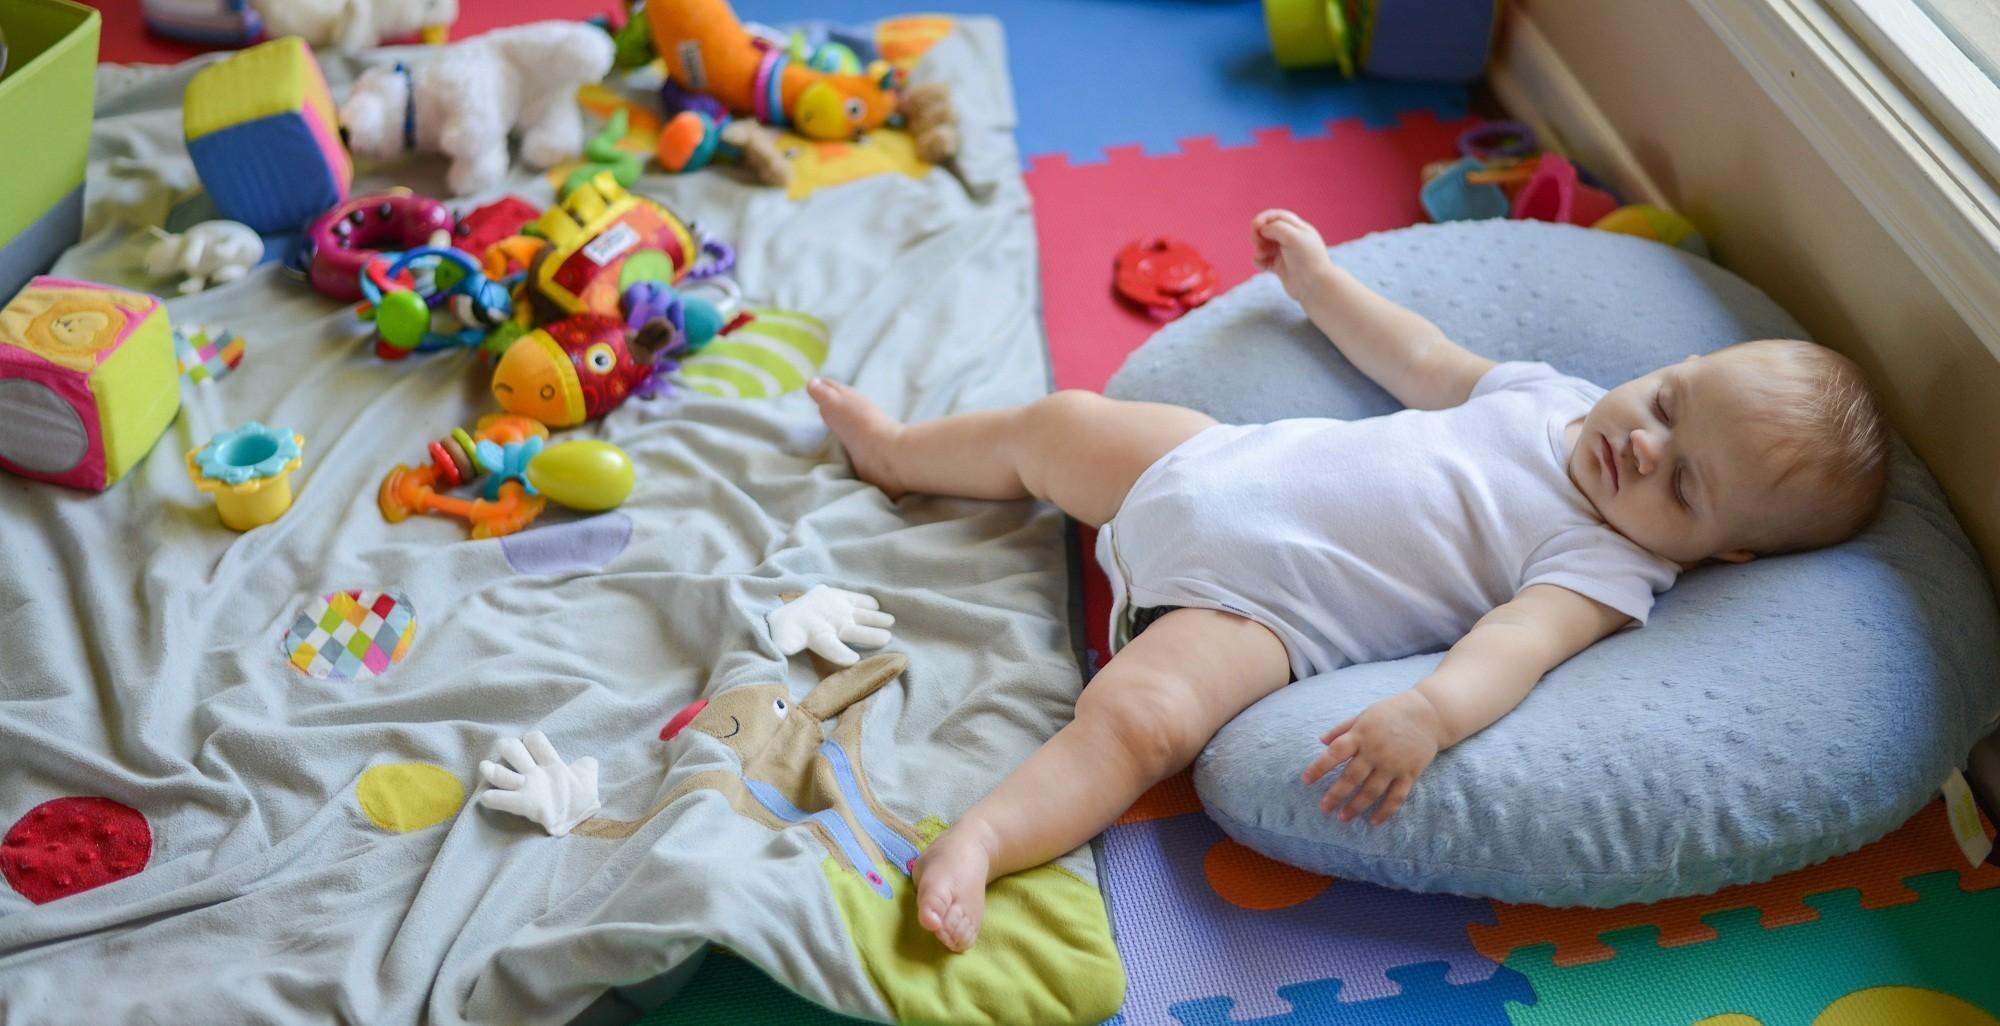 Juguetes para niños hiperactivos 3